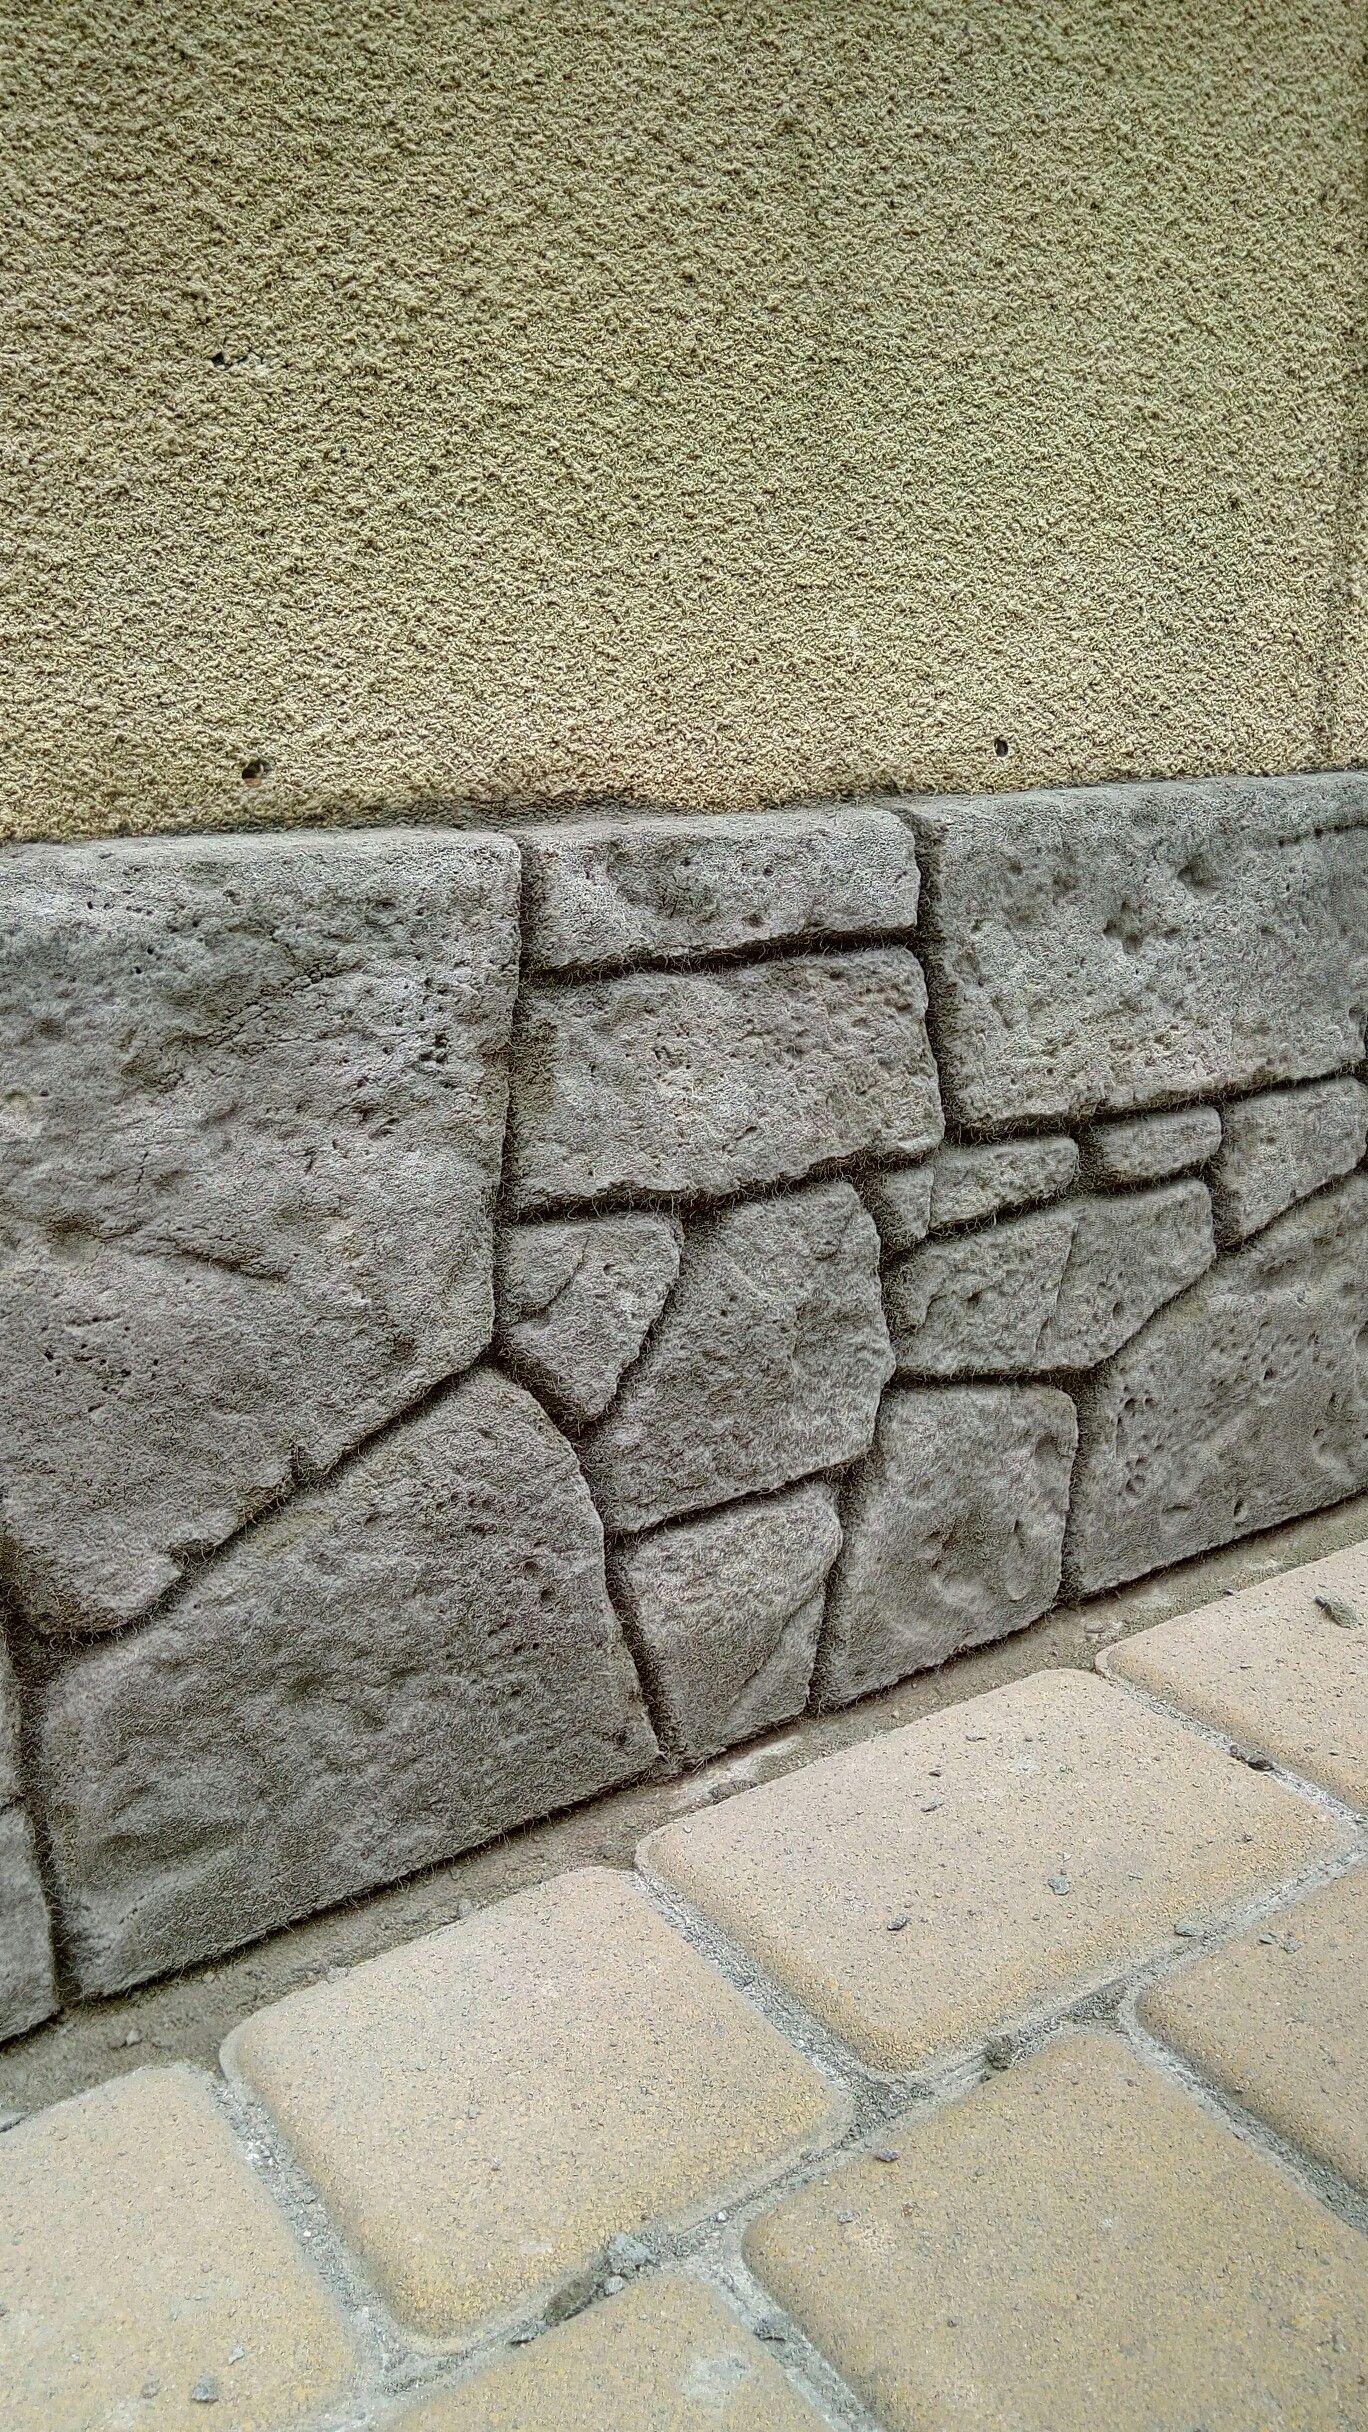 Тротуар бетон протекает бетон